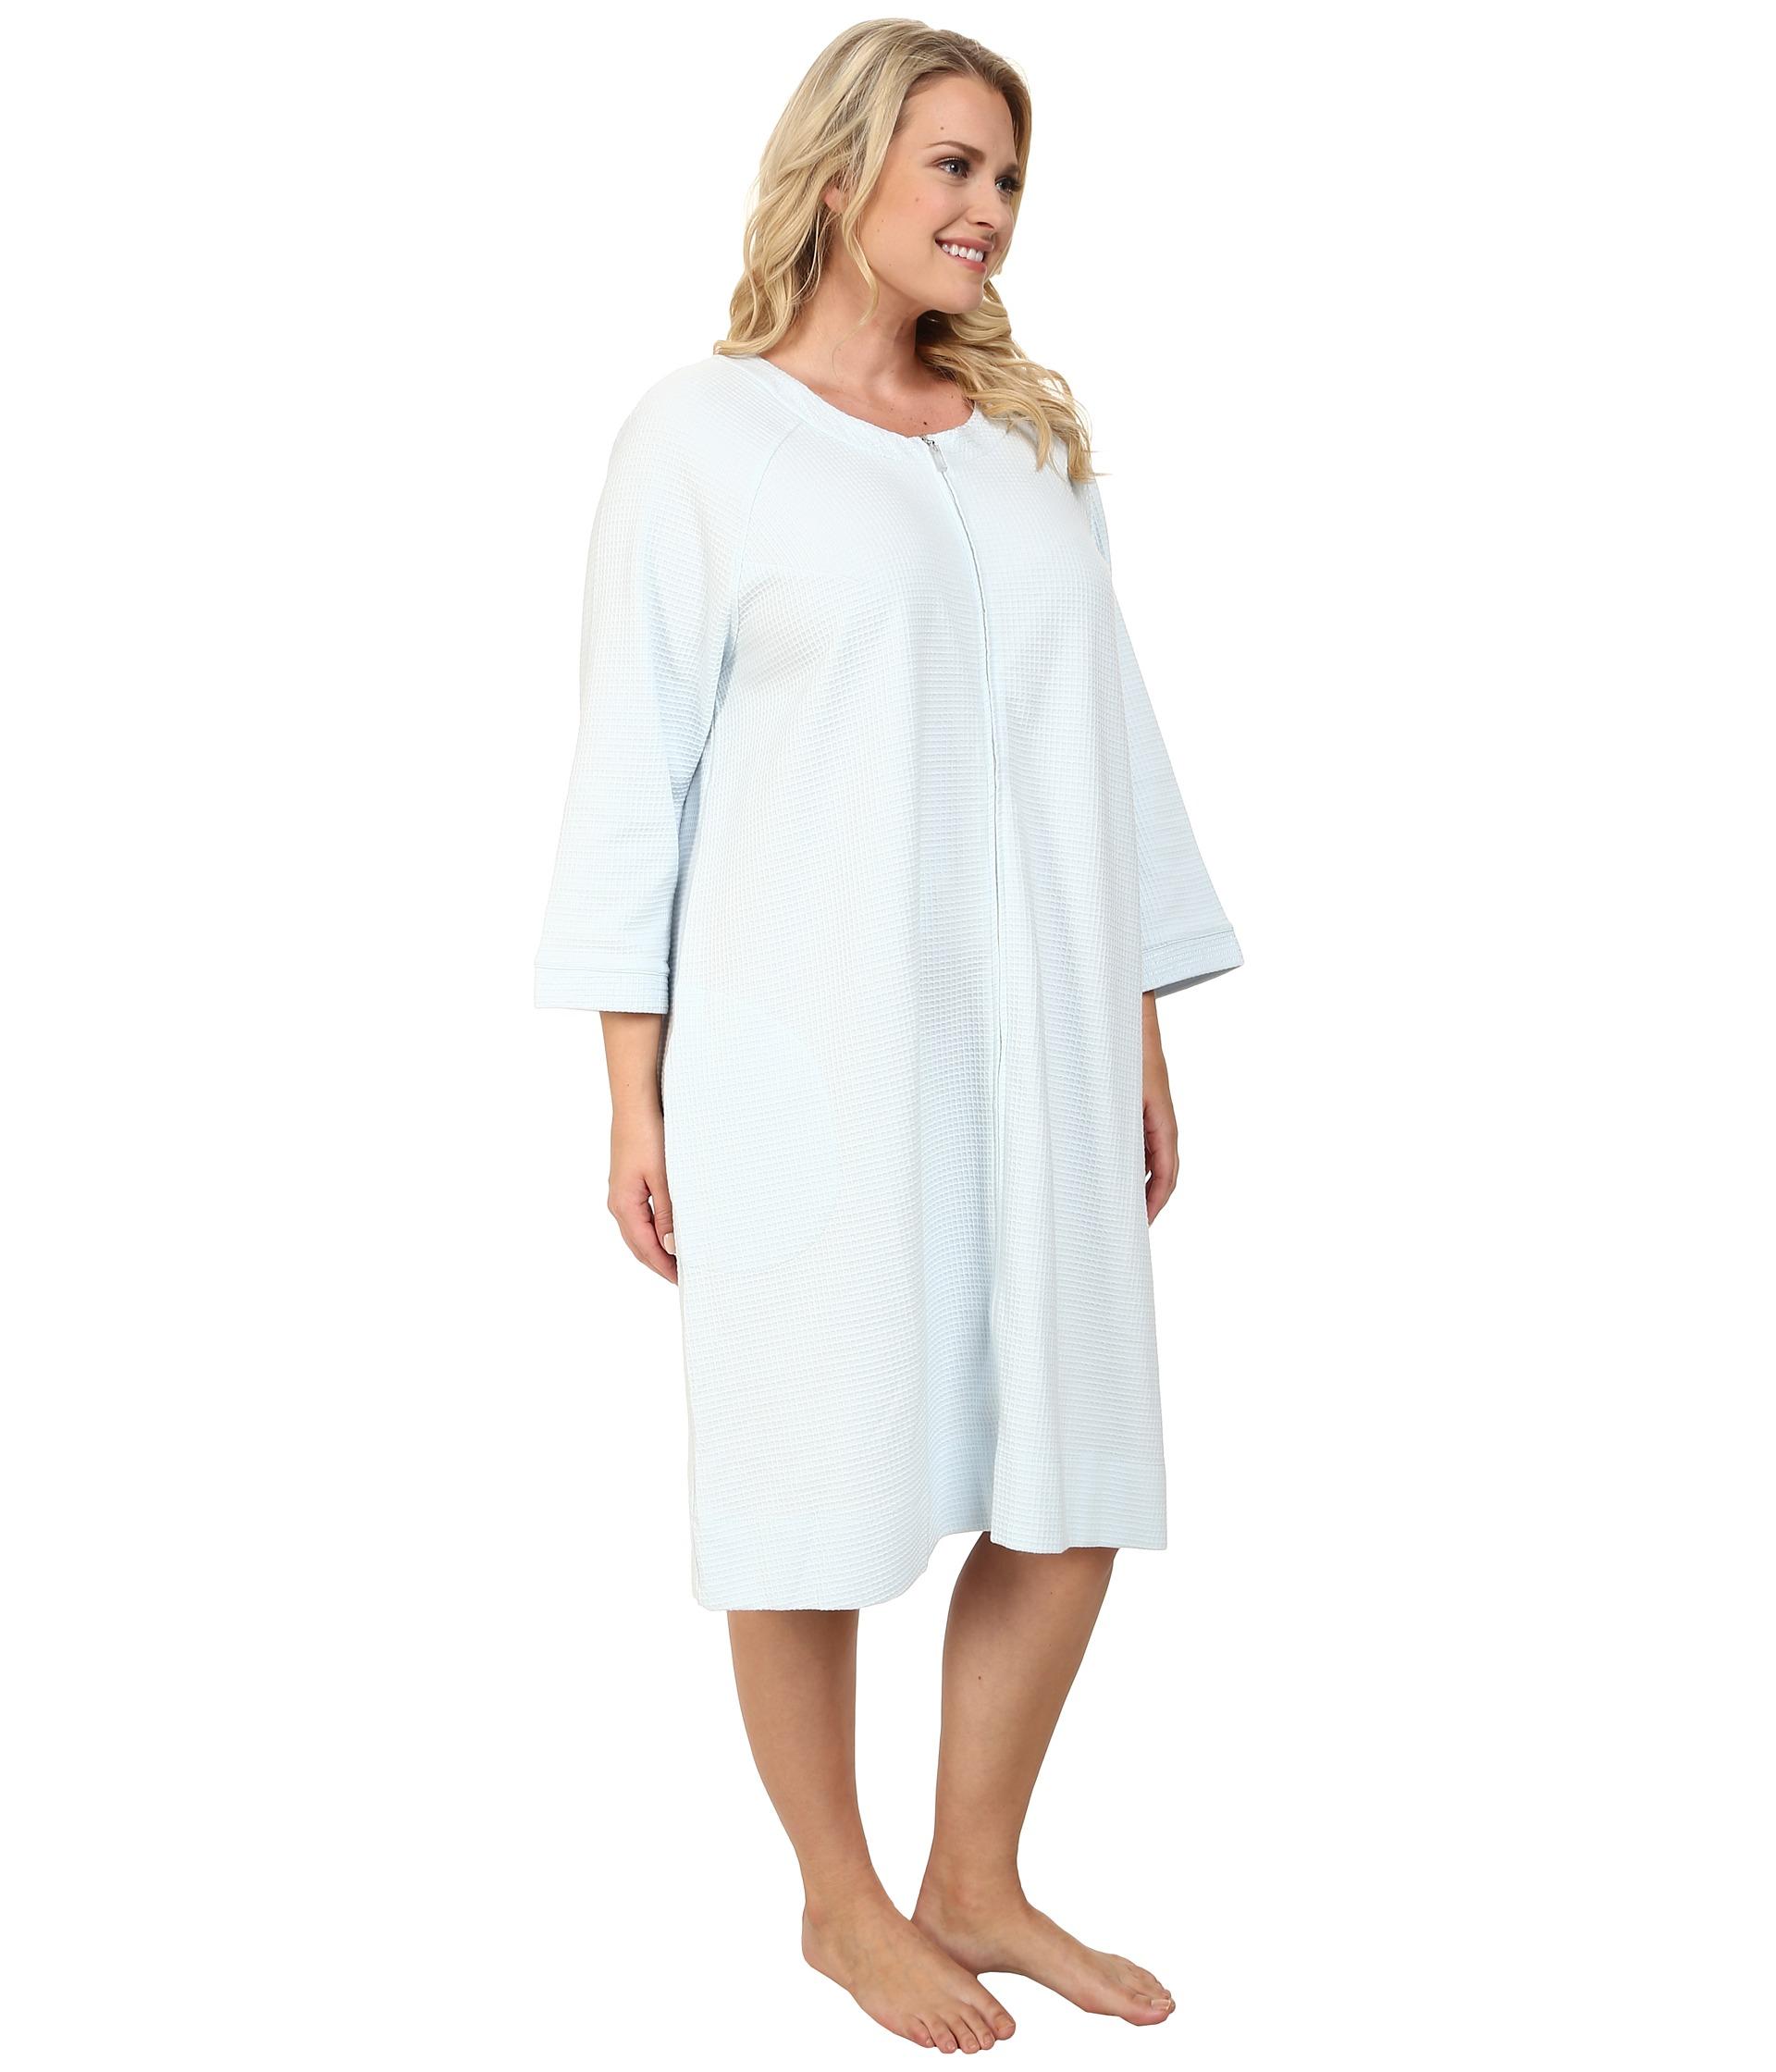 0bee3f3c34 Lyst - Carole Hochman Plus Size Waffle Knit Short Zip Robe in Blue